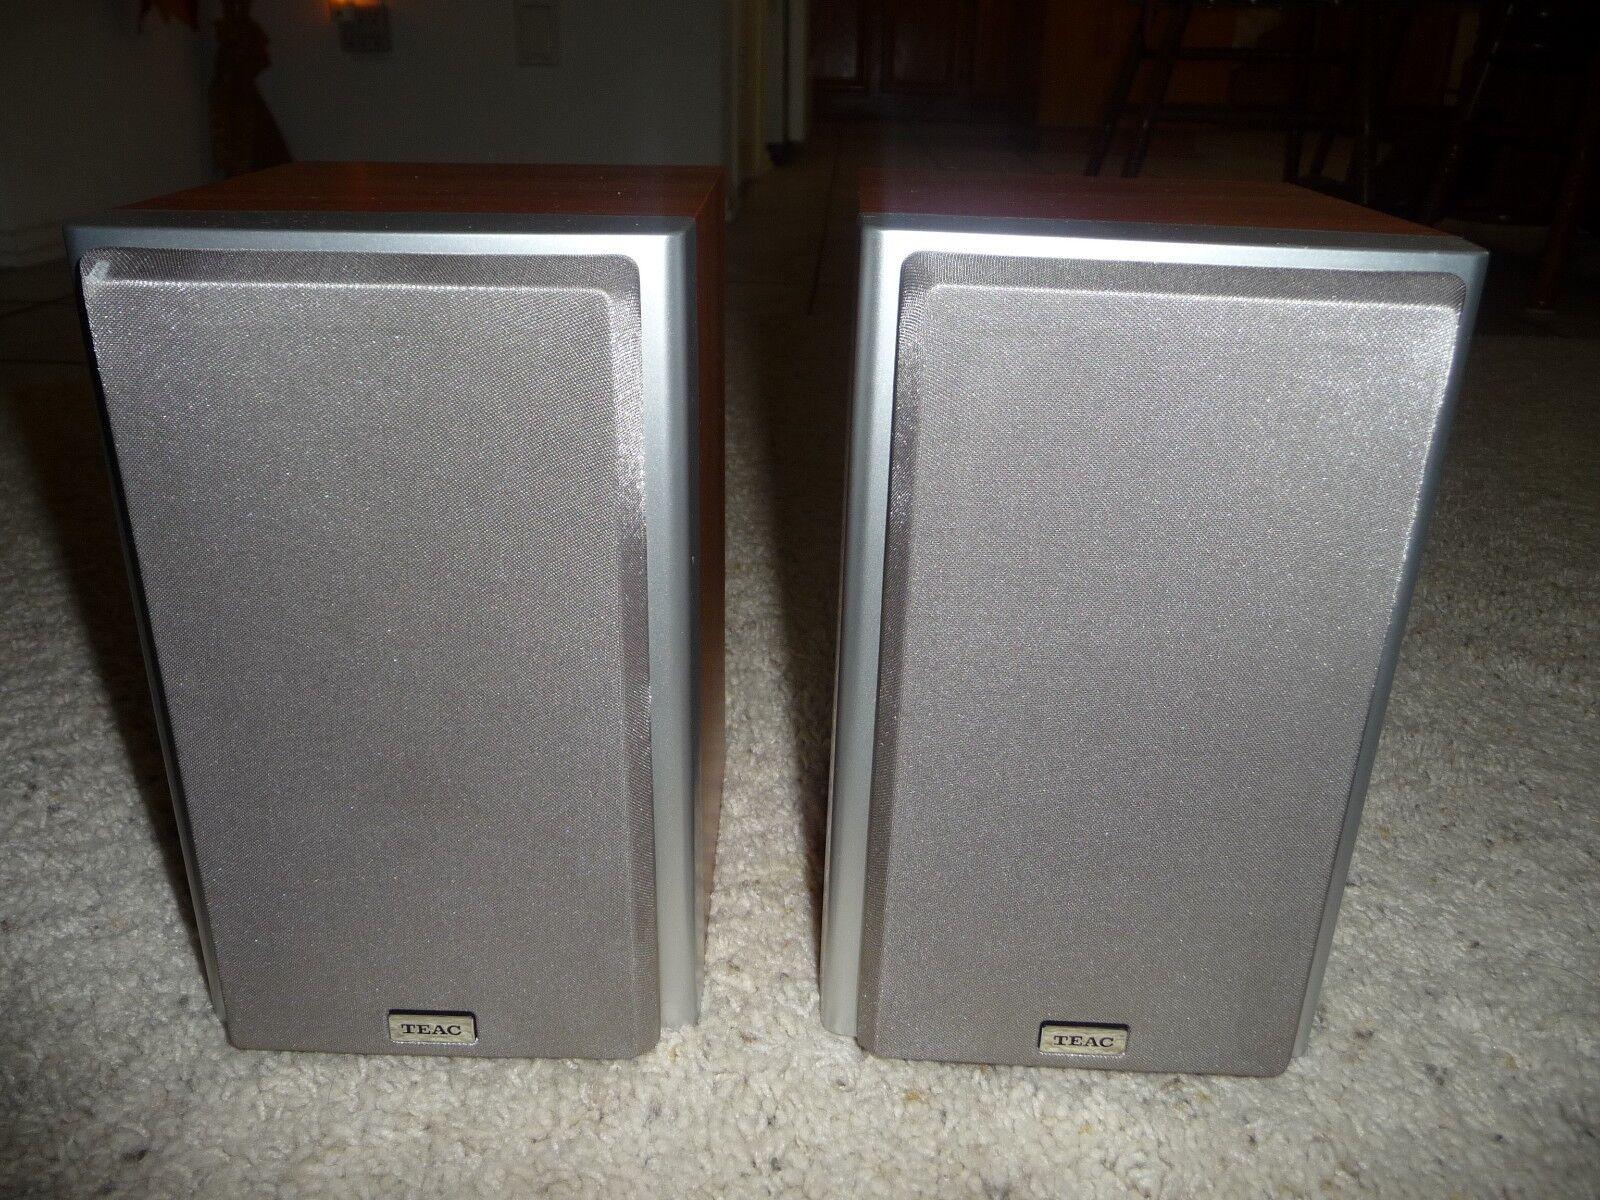 Teac 2-Way Wood Finish Speaker System Pair Bookshelf 9 x 6  15 Watts   8 Ohms